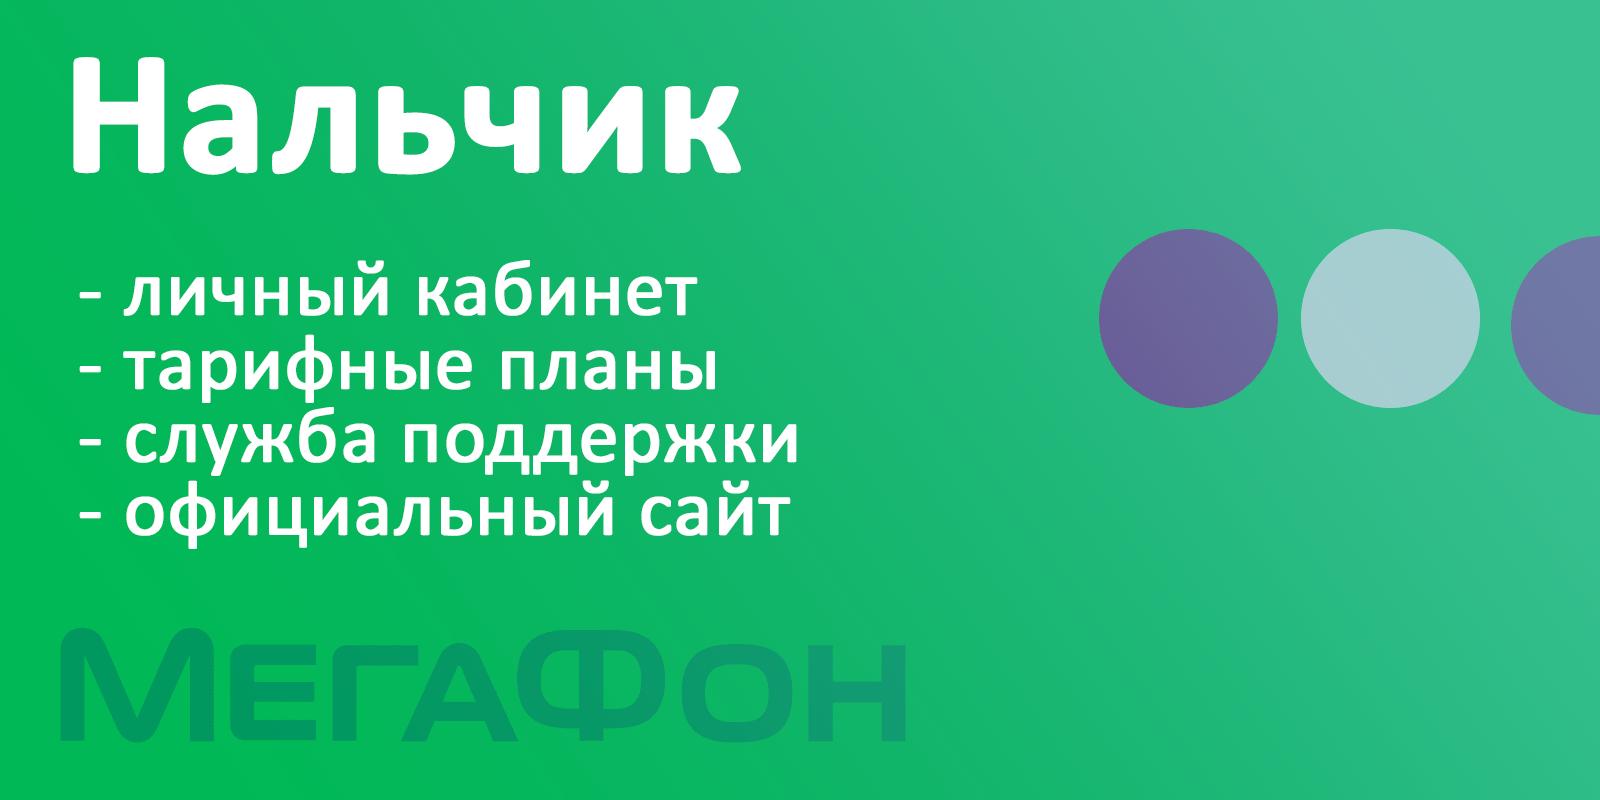 Мегафон Нальчик - официальный сайт, тарифы, личный кабинет